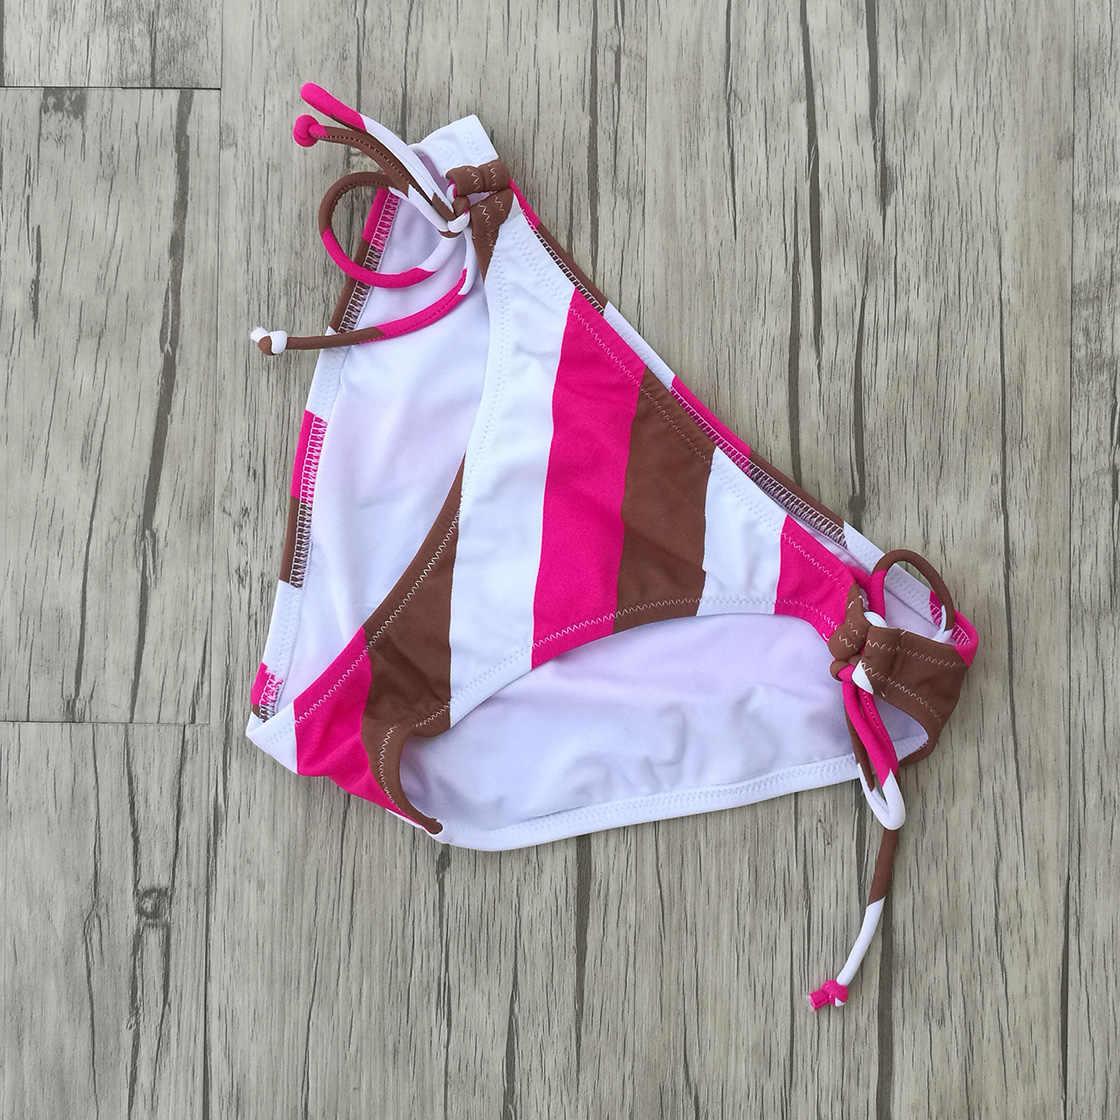 Femmes Triangle rouge rayures Bikini Sexy Secret Maillot De Bain brésilien Push Up Maillot De Bain fille Maillot De Bain